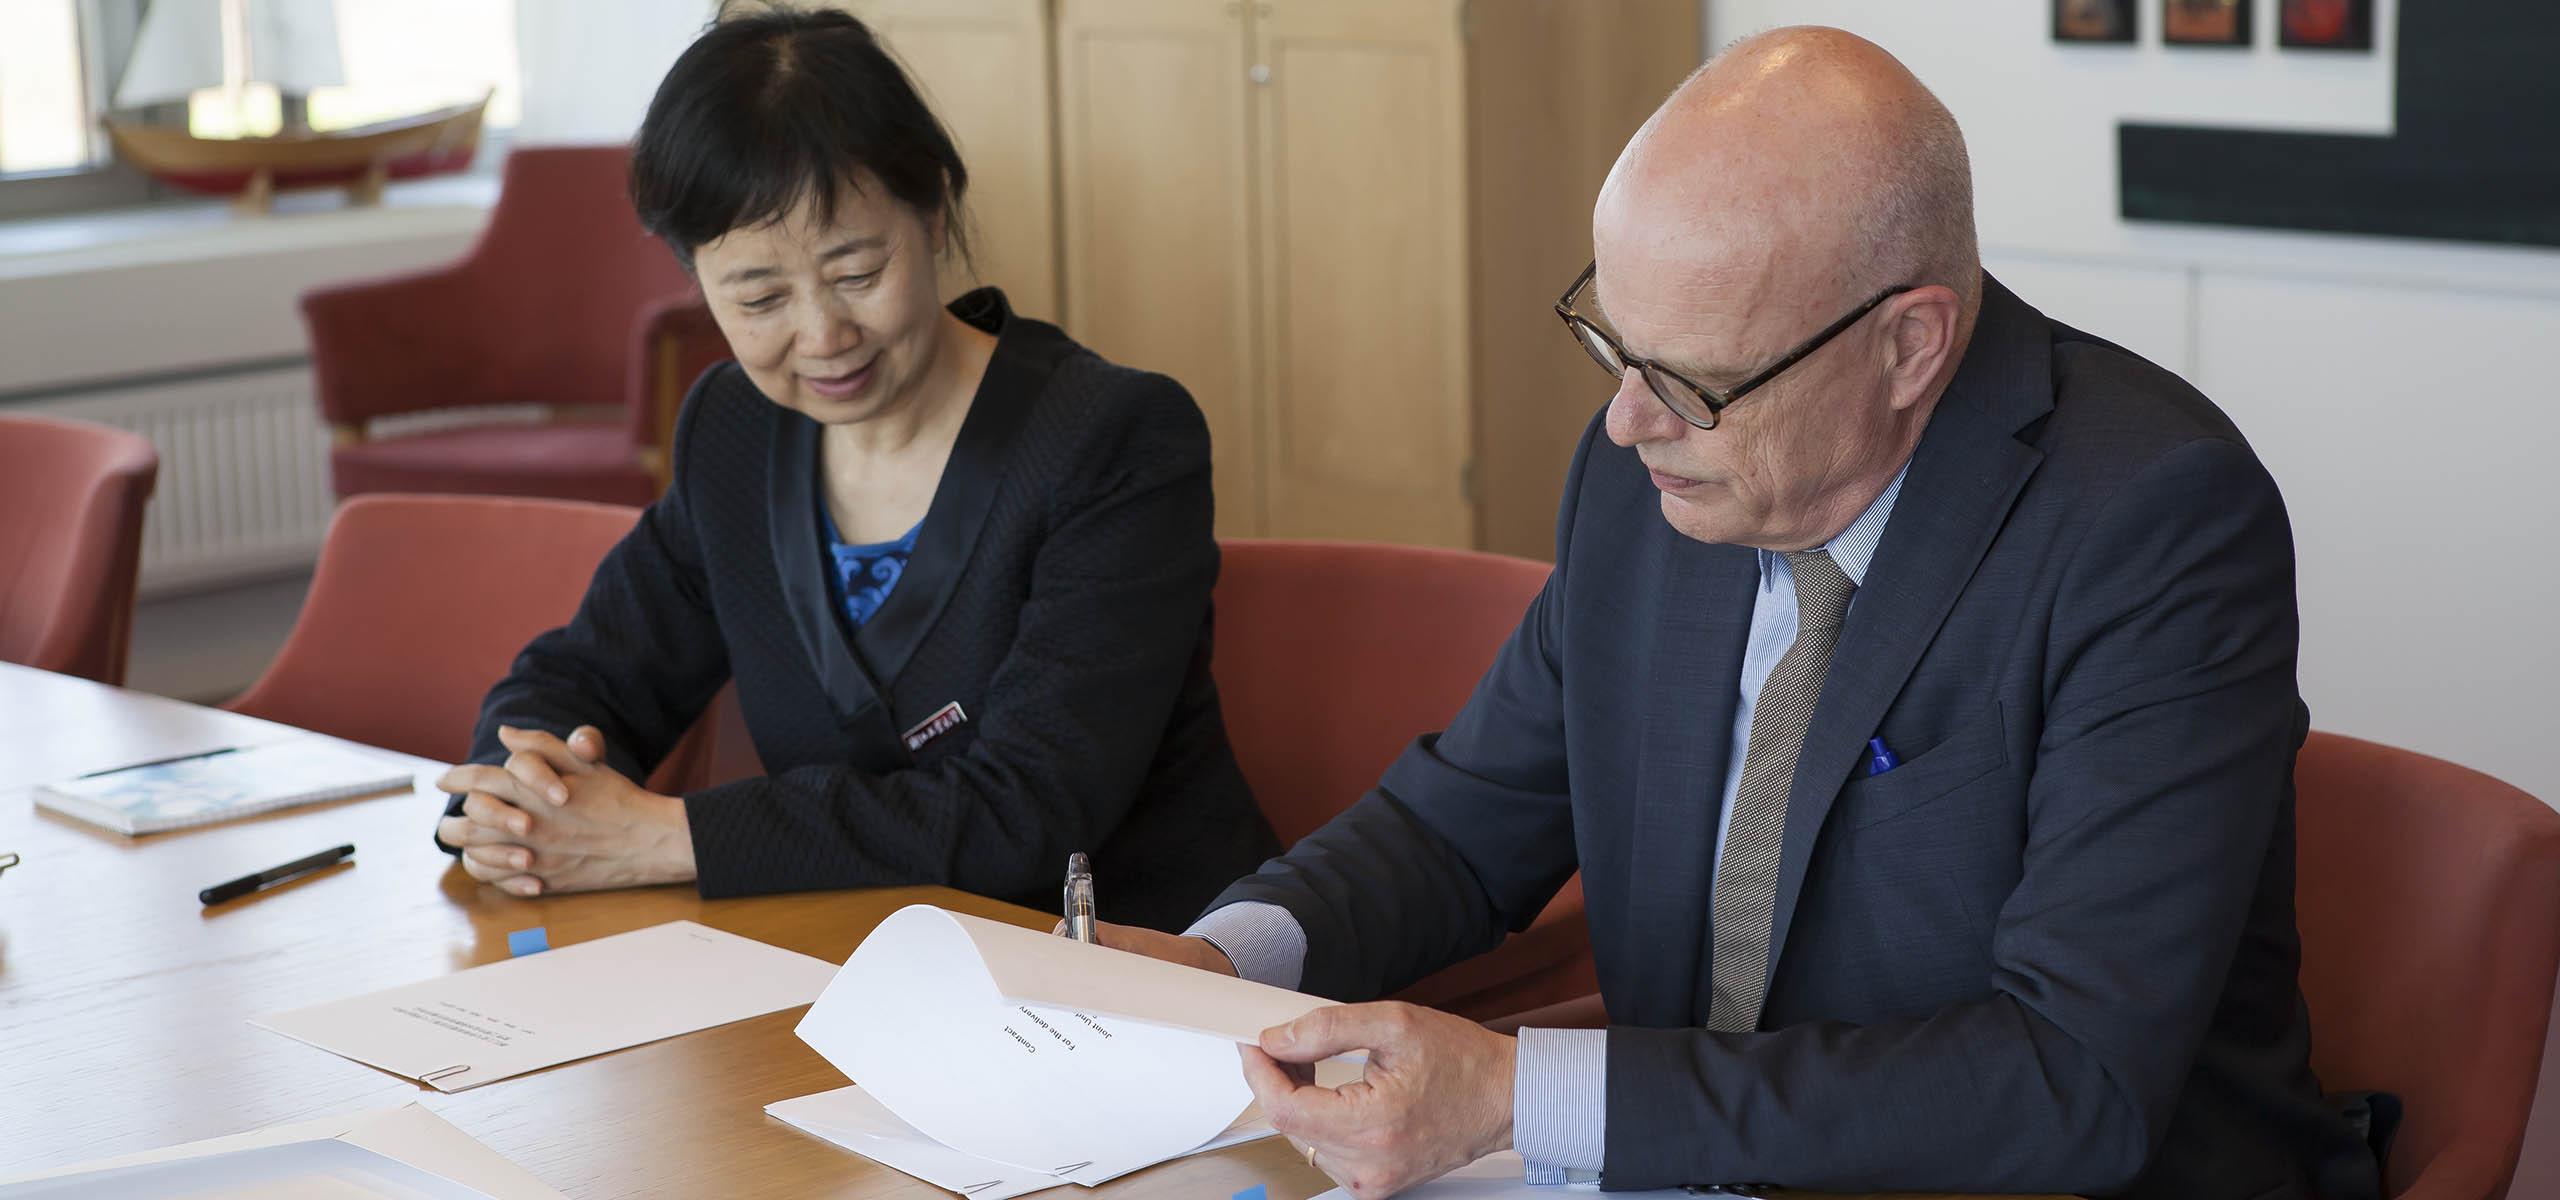 signering av samarbetsavtal